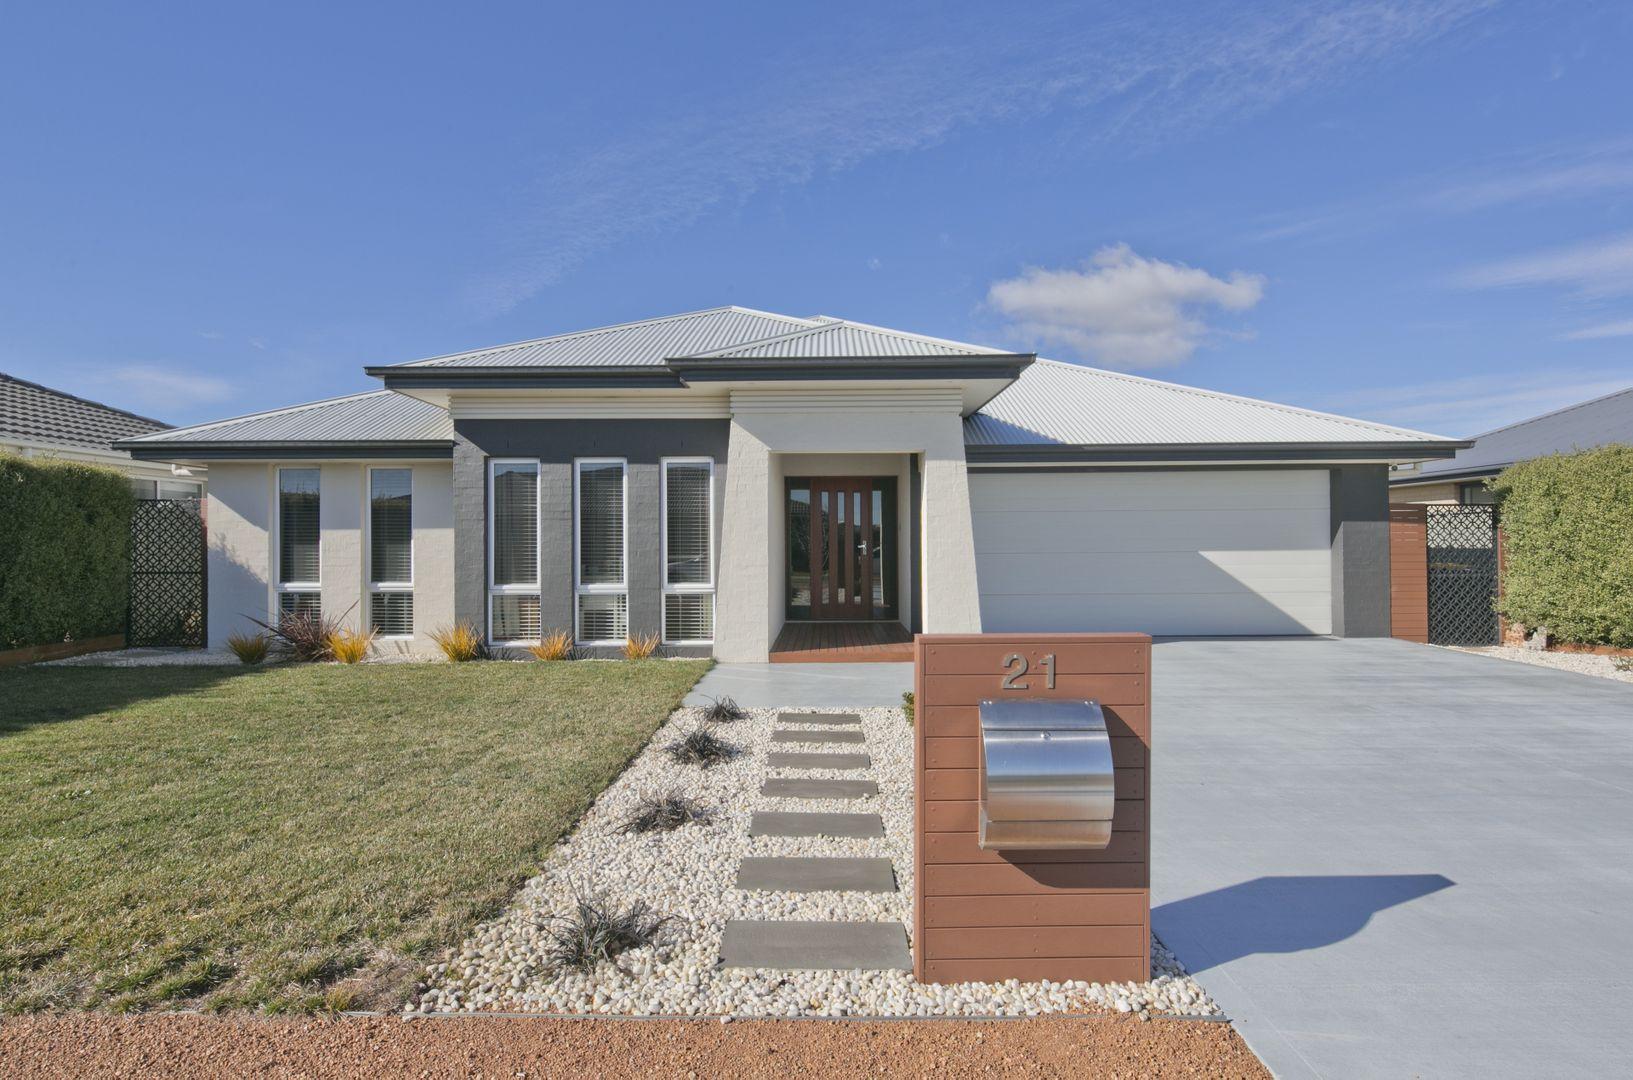 21 St Aubyn Road, Goulburn NSW 2580, Image 0